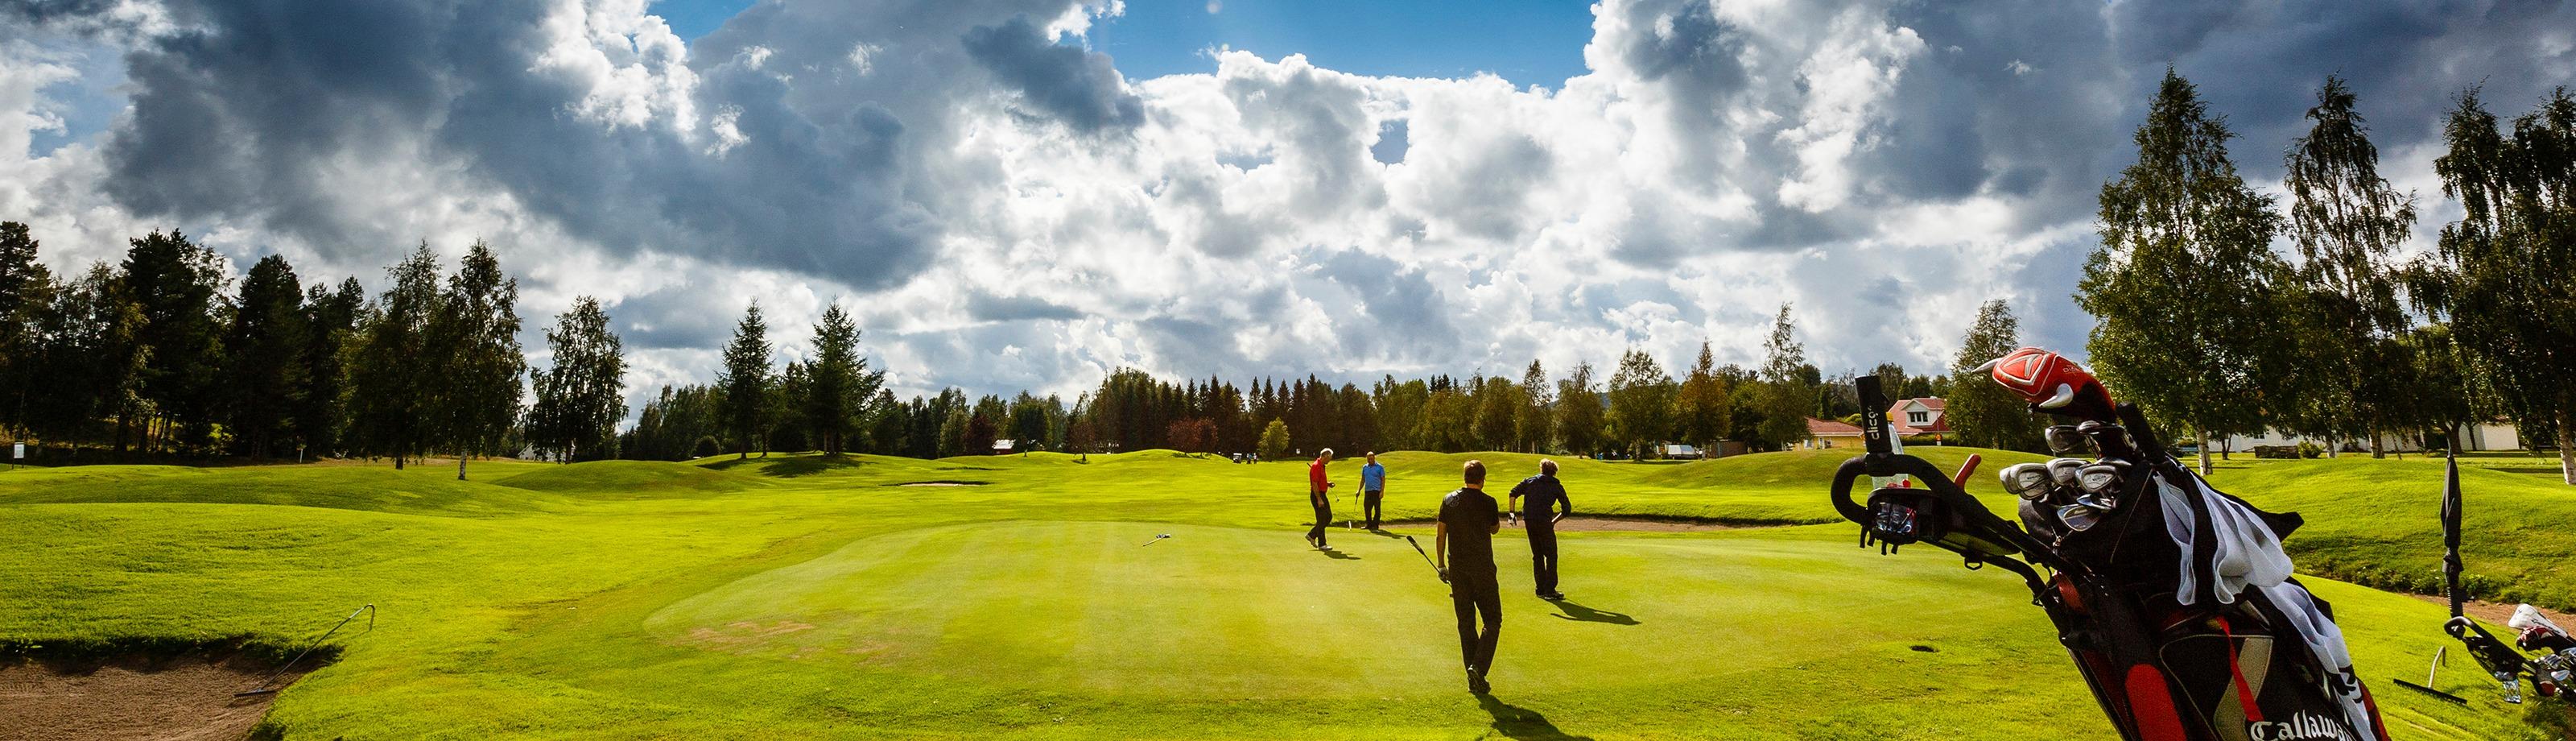 Spela golf 15 minuter från centrum